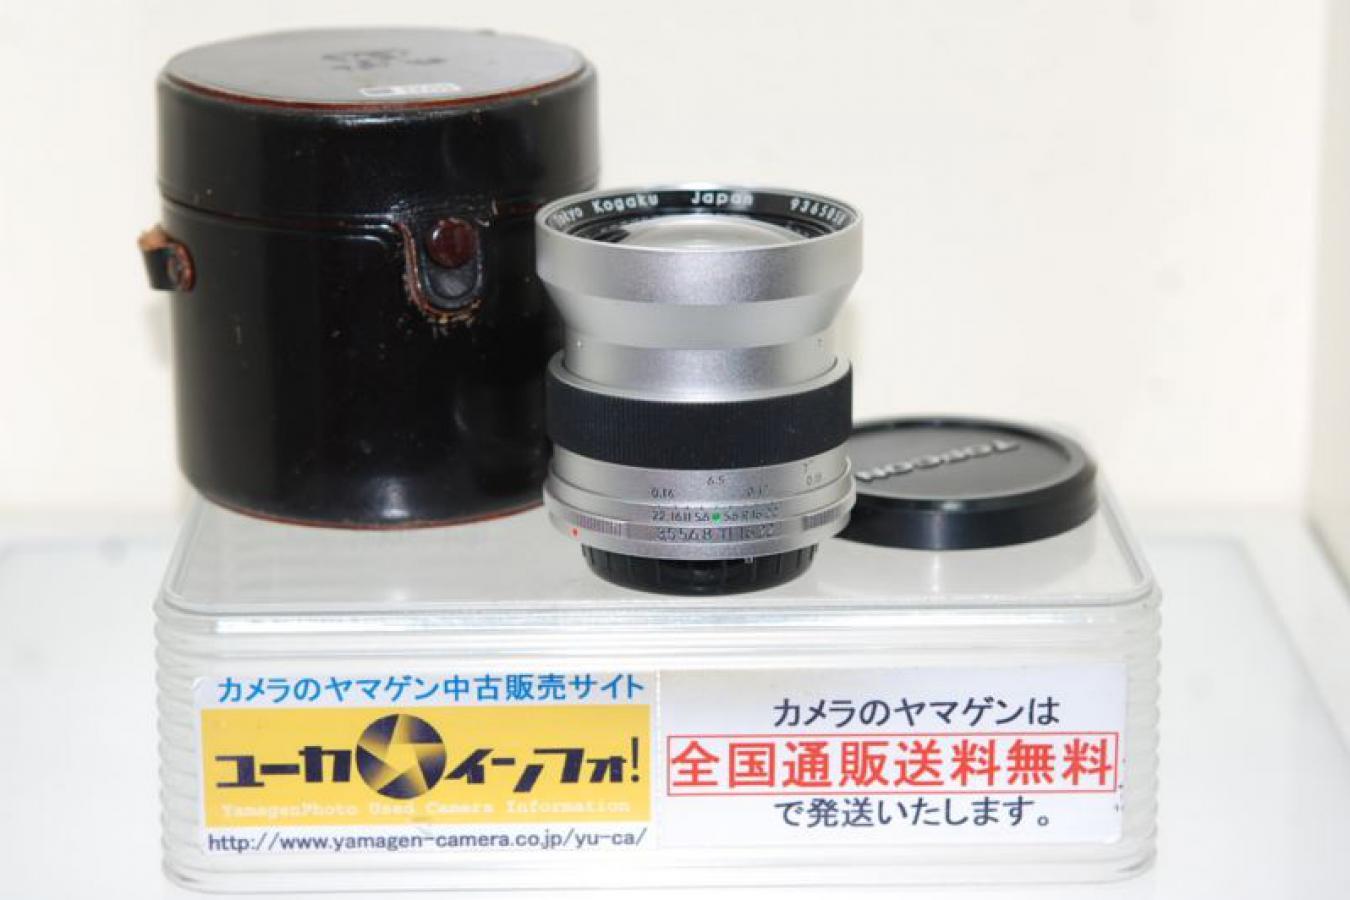 東京光学製 REオートトプコール 25mm F3.5 純正レンズケース付 【エキザクタマウントレンズ】